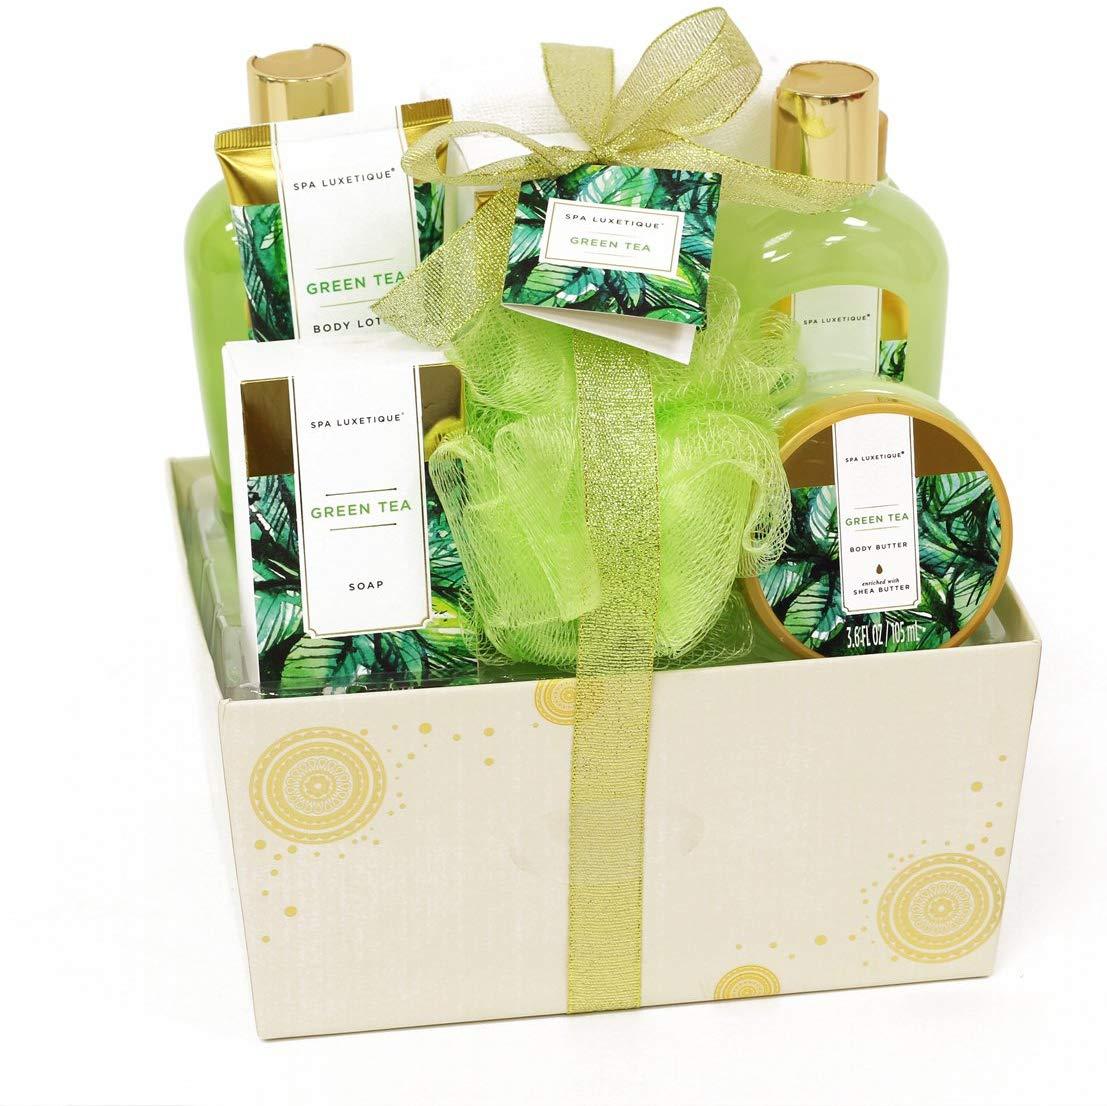 Spa Luxetique Bath Gift Set